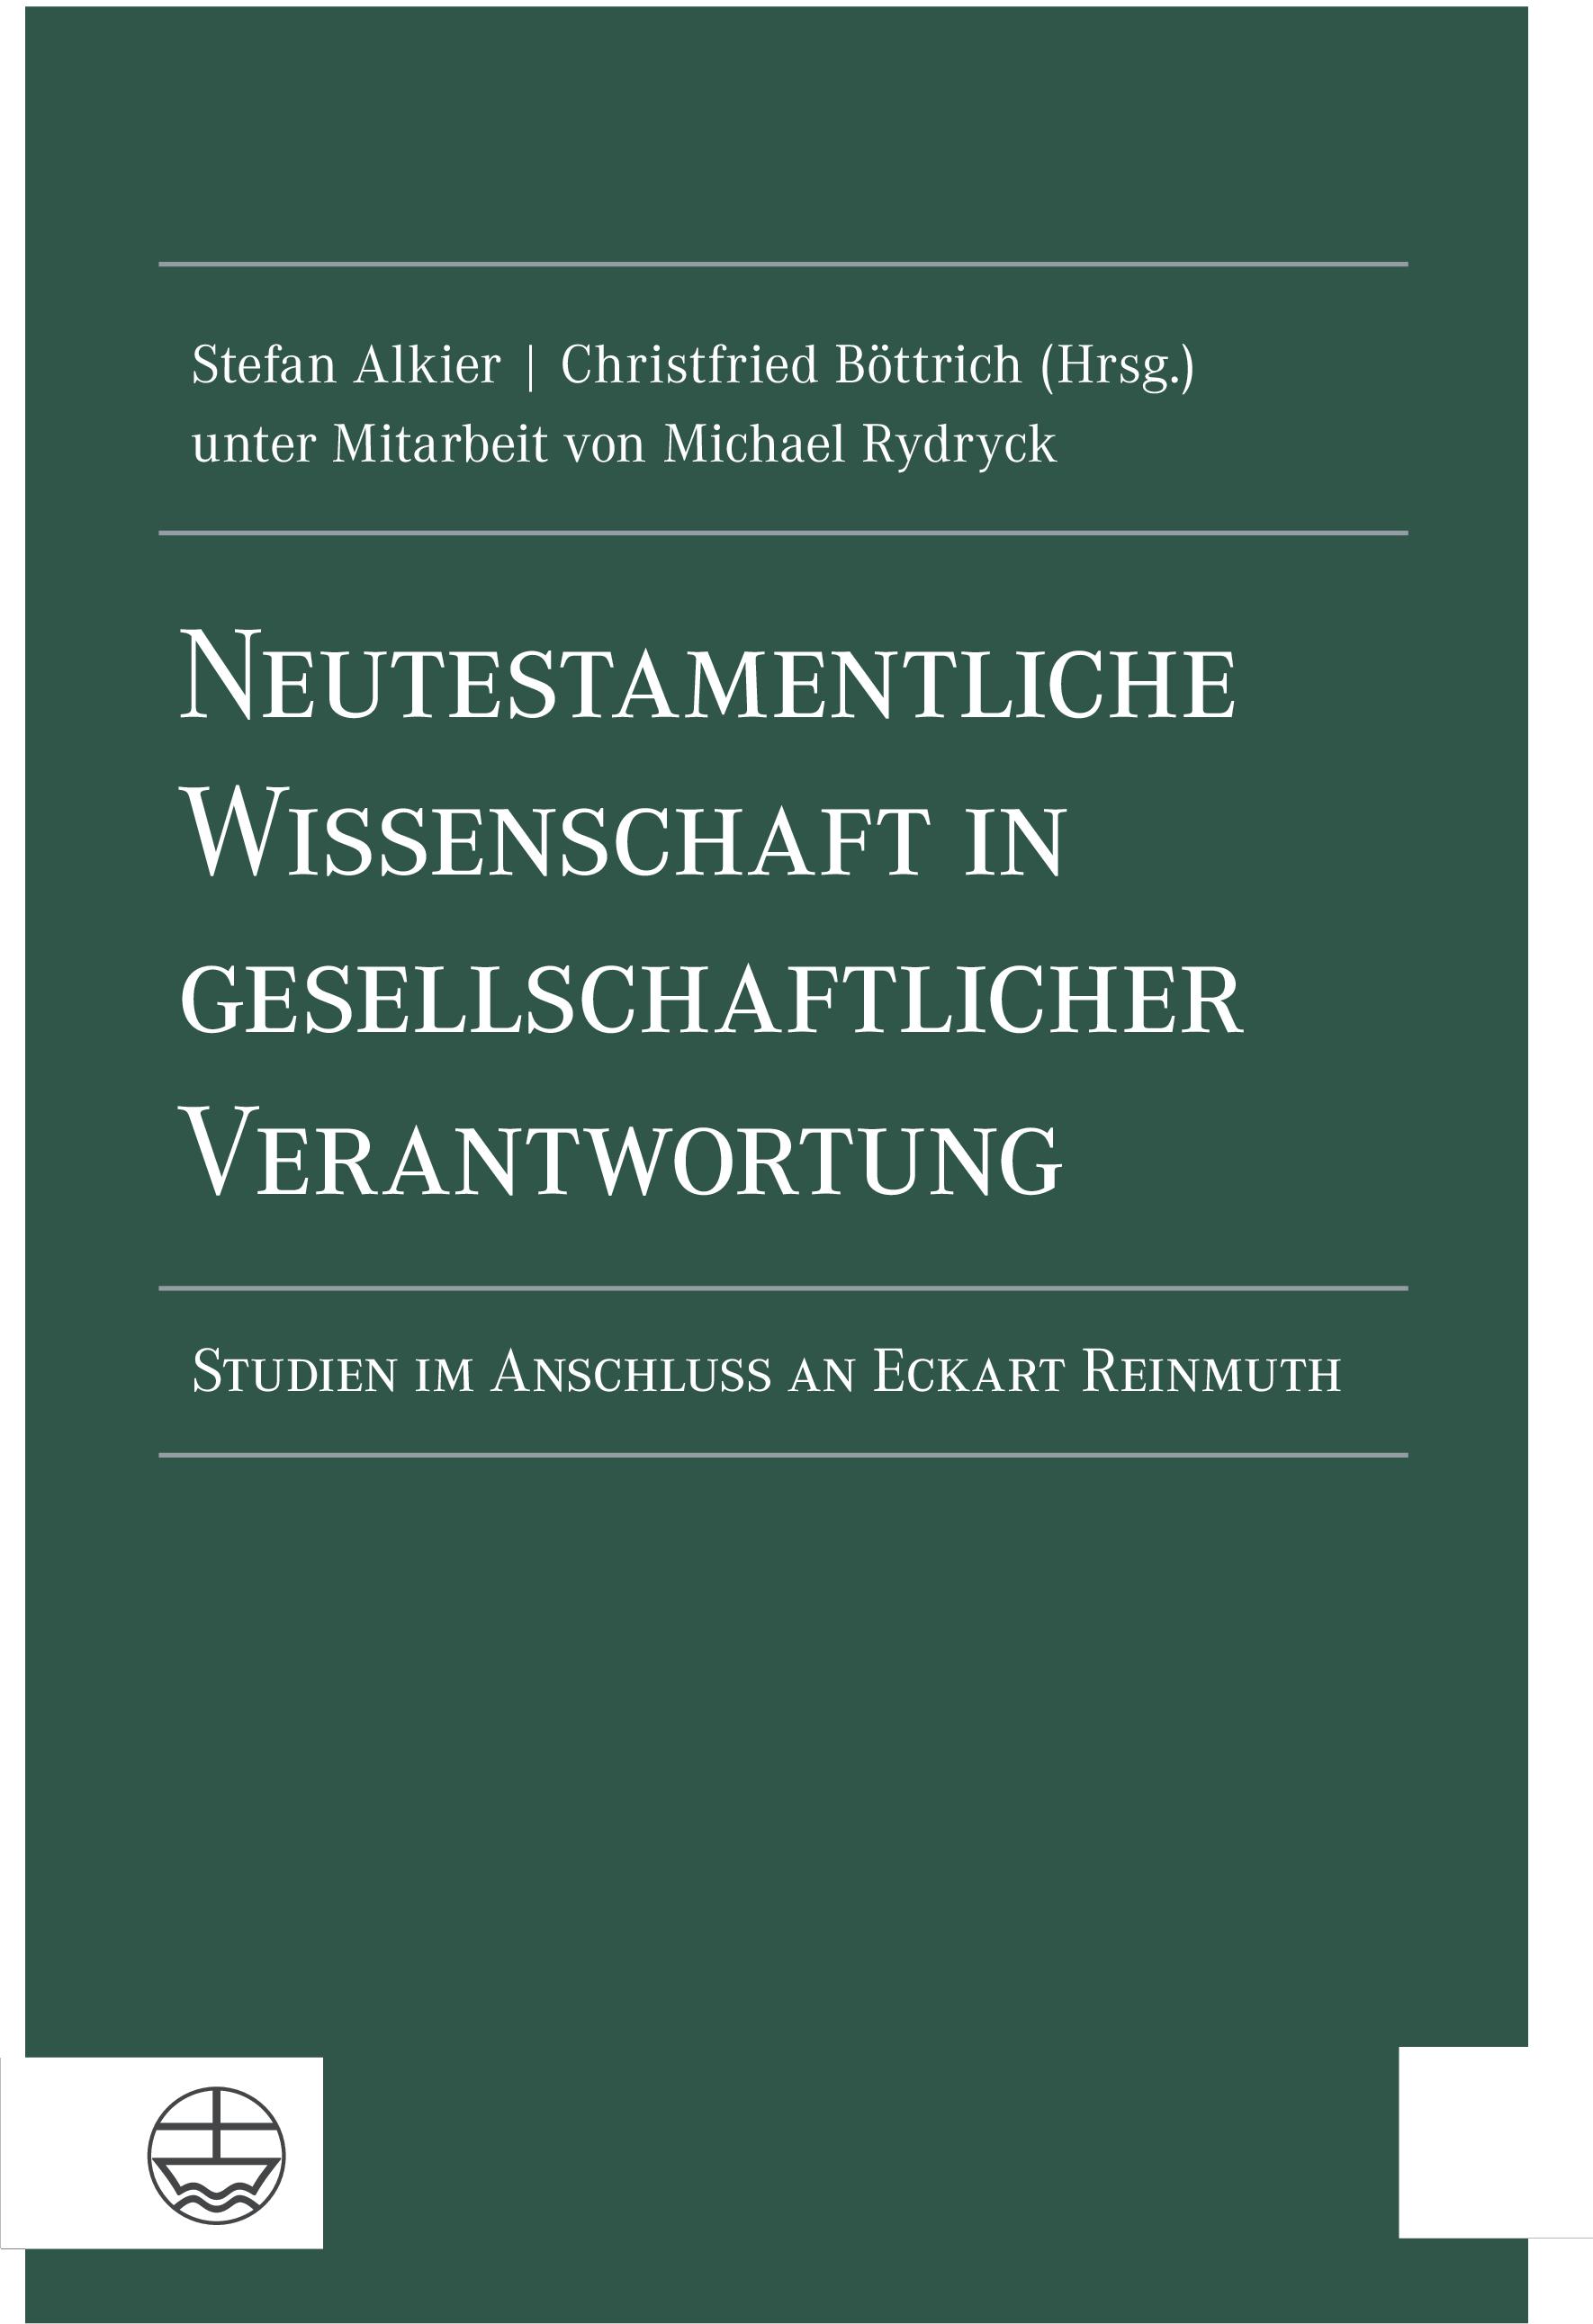 Neutestamentliche Wissenschaft in gesellschaftlicher Verantwortung Stefan A ...